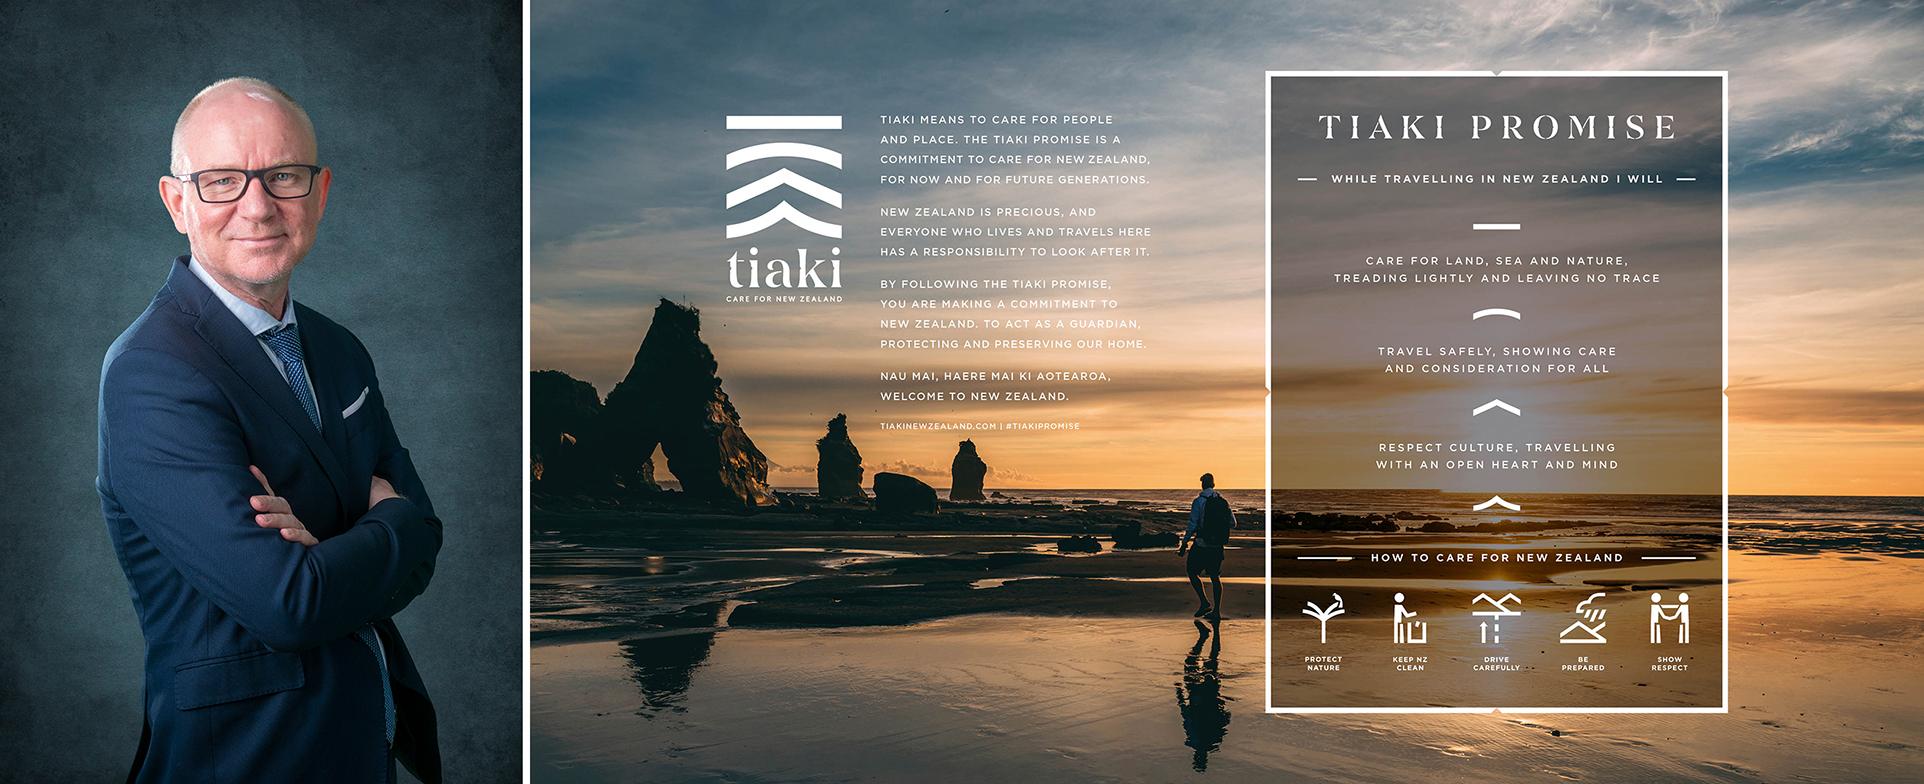 「ニュージーランド政府観光局 グレッグ・ワッフルベイカー氏とティアキ・プロミス」画像